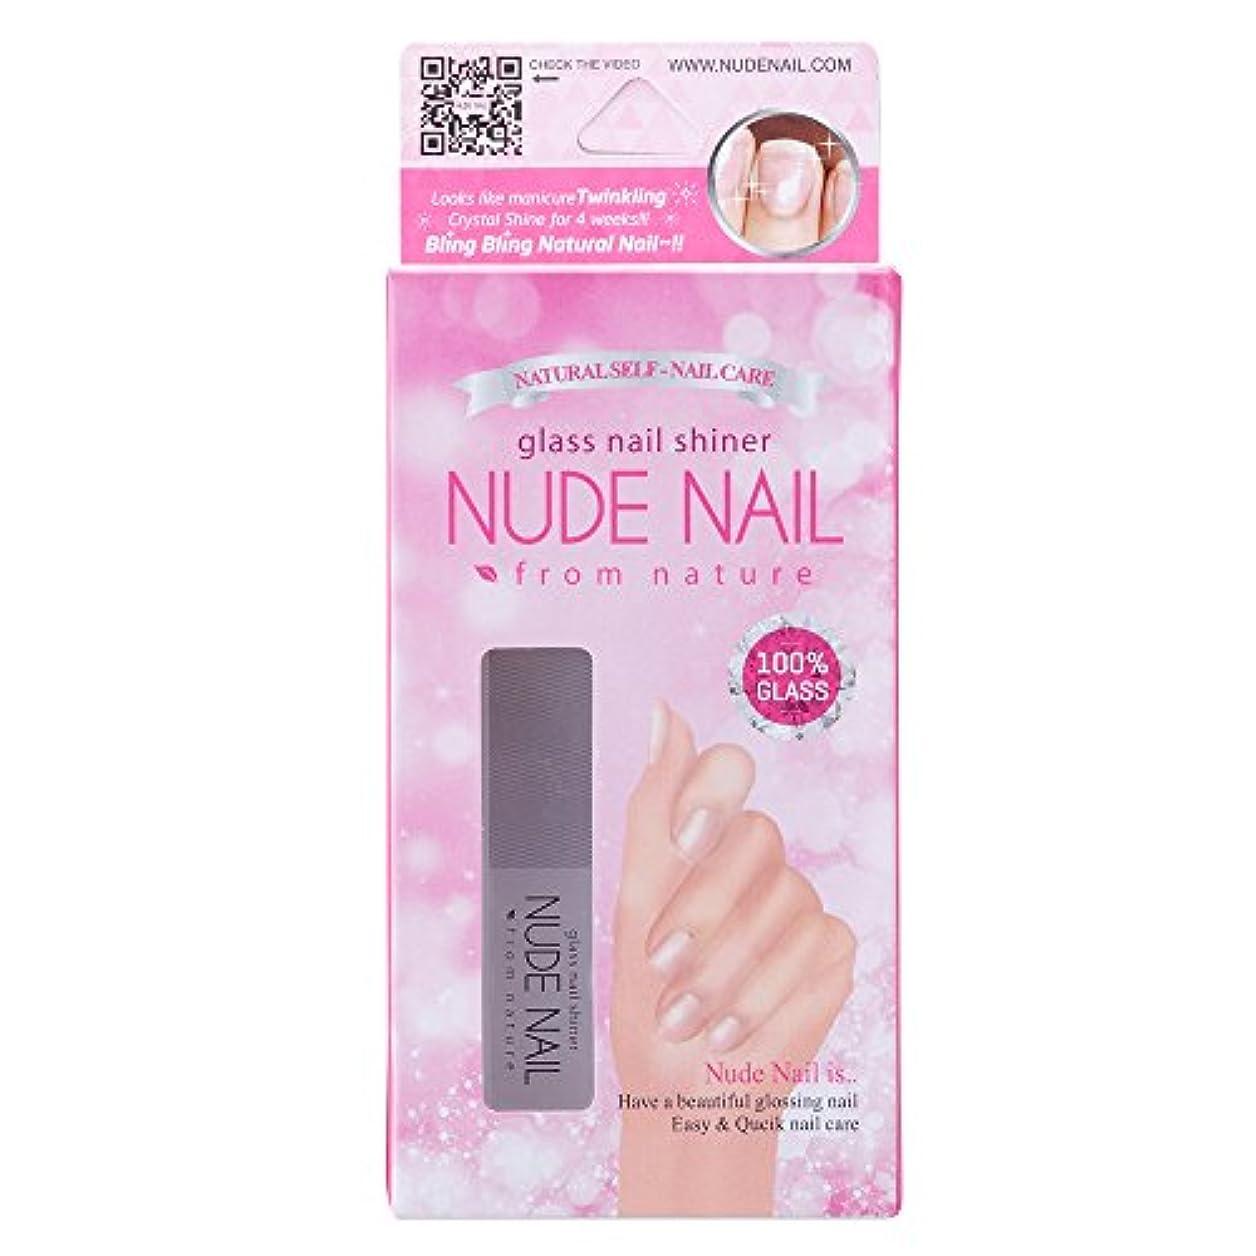 変更可能悪用オリエントヌードネイル グラス ネイル シャイナー ガラス製爪ヤスリ NUDE NAIL glass nail shiner